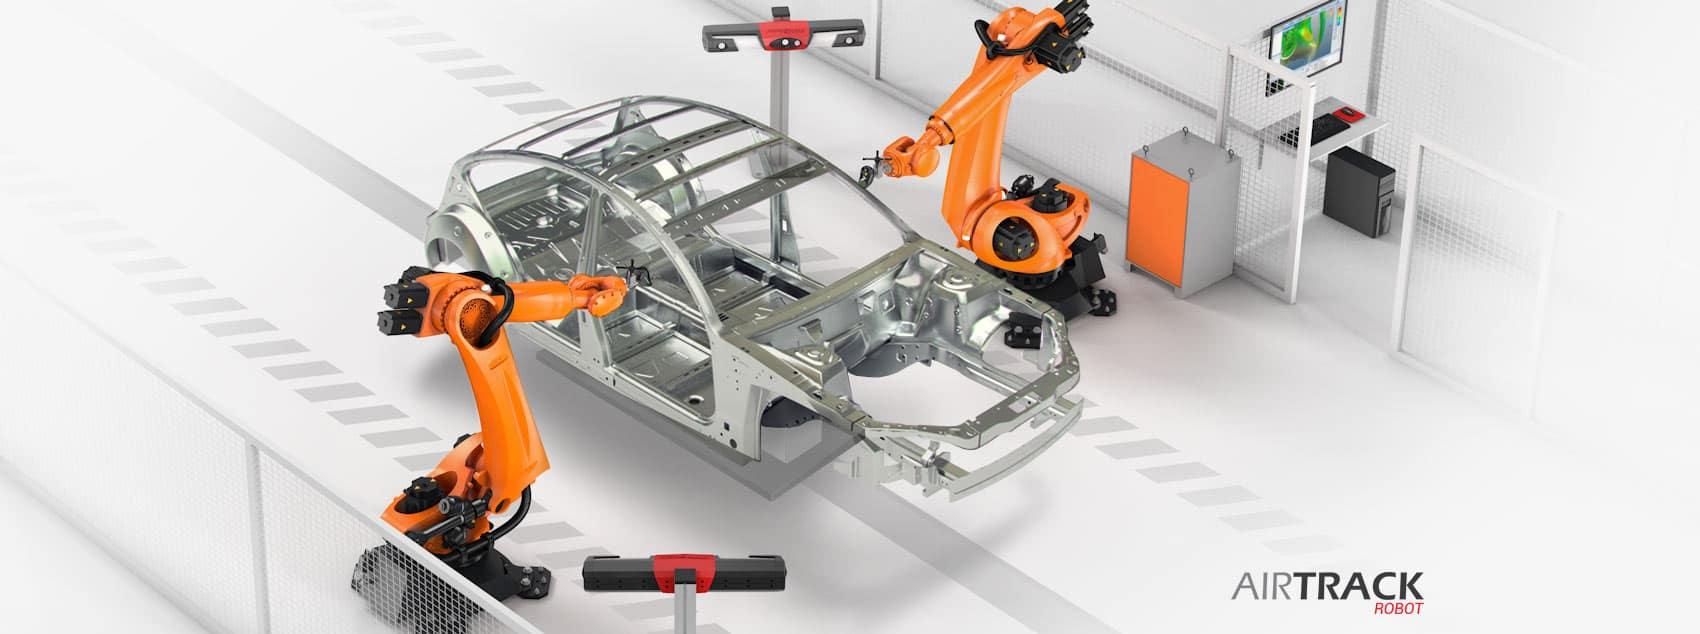 AirTrack robot scheme